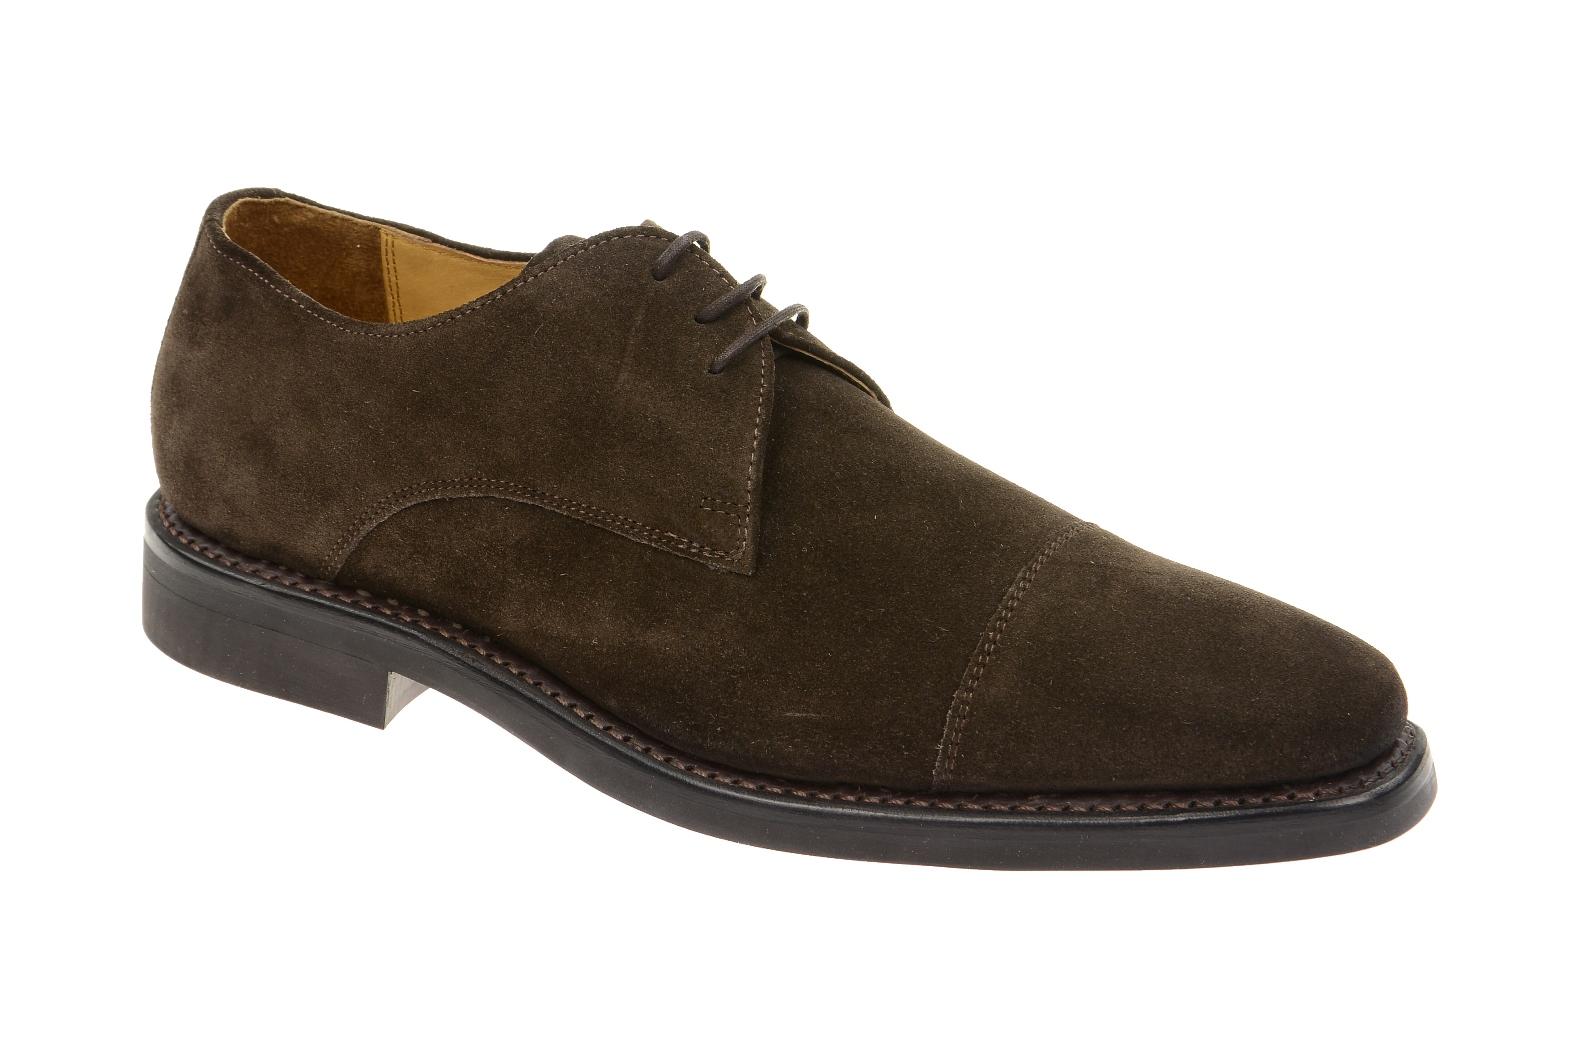 Gordon & Bros. Schuhe Gregory 3998 braun rahmengenäht :: Braun - 40 - Männlich - Erwachsene